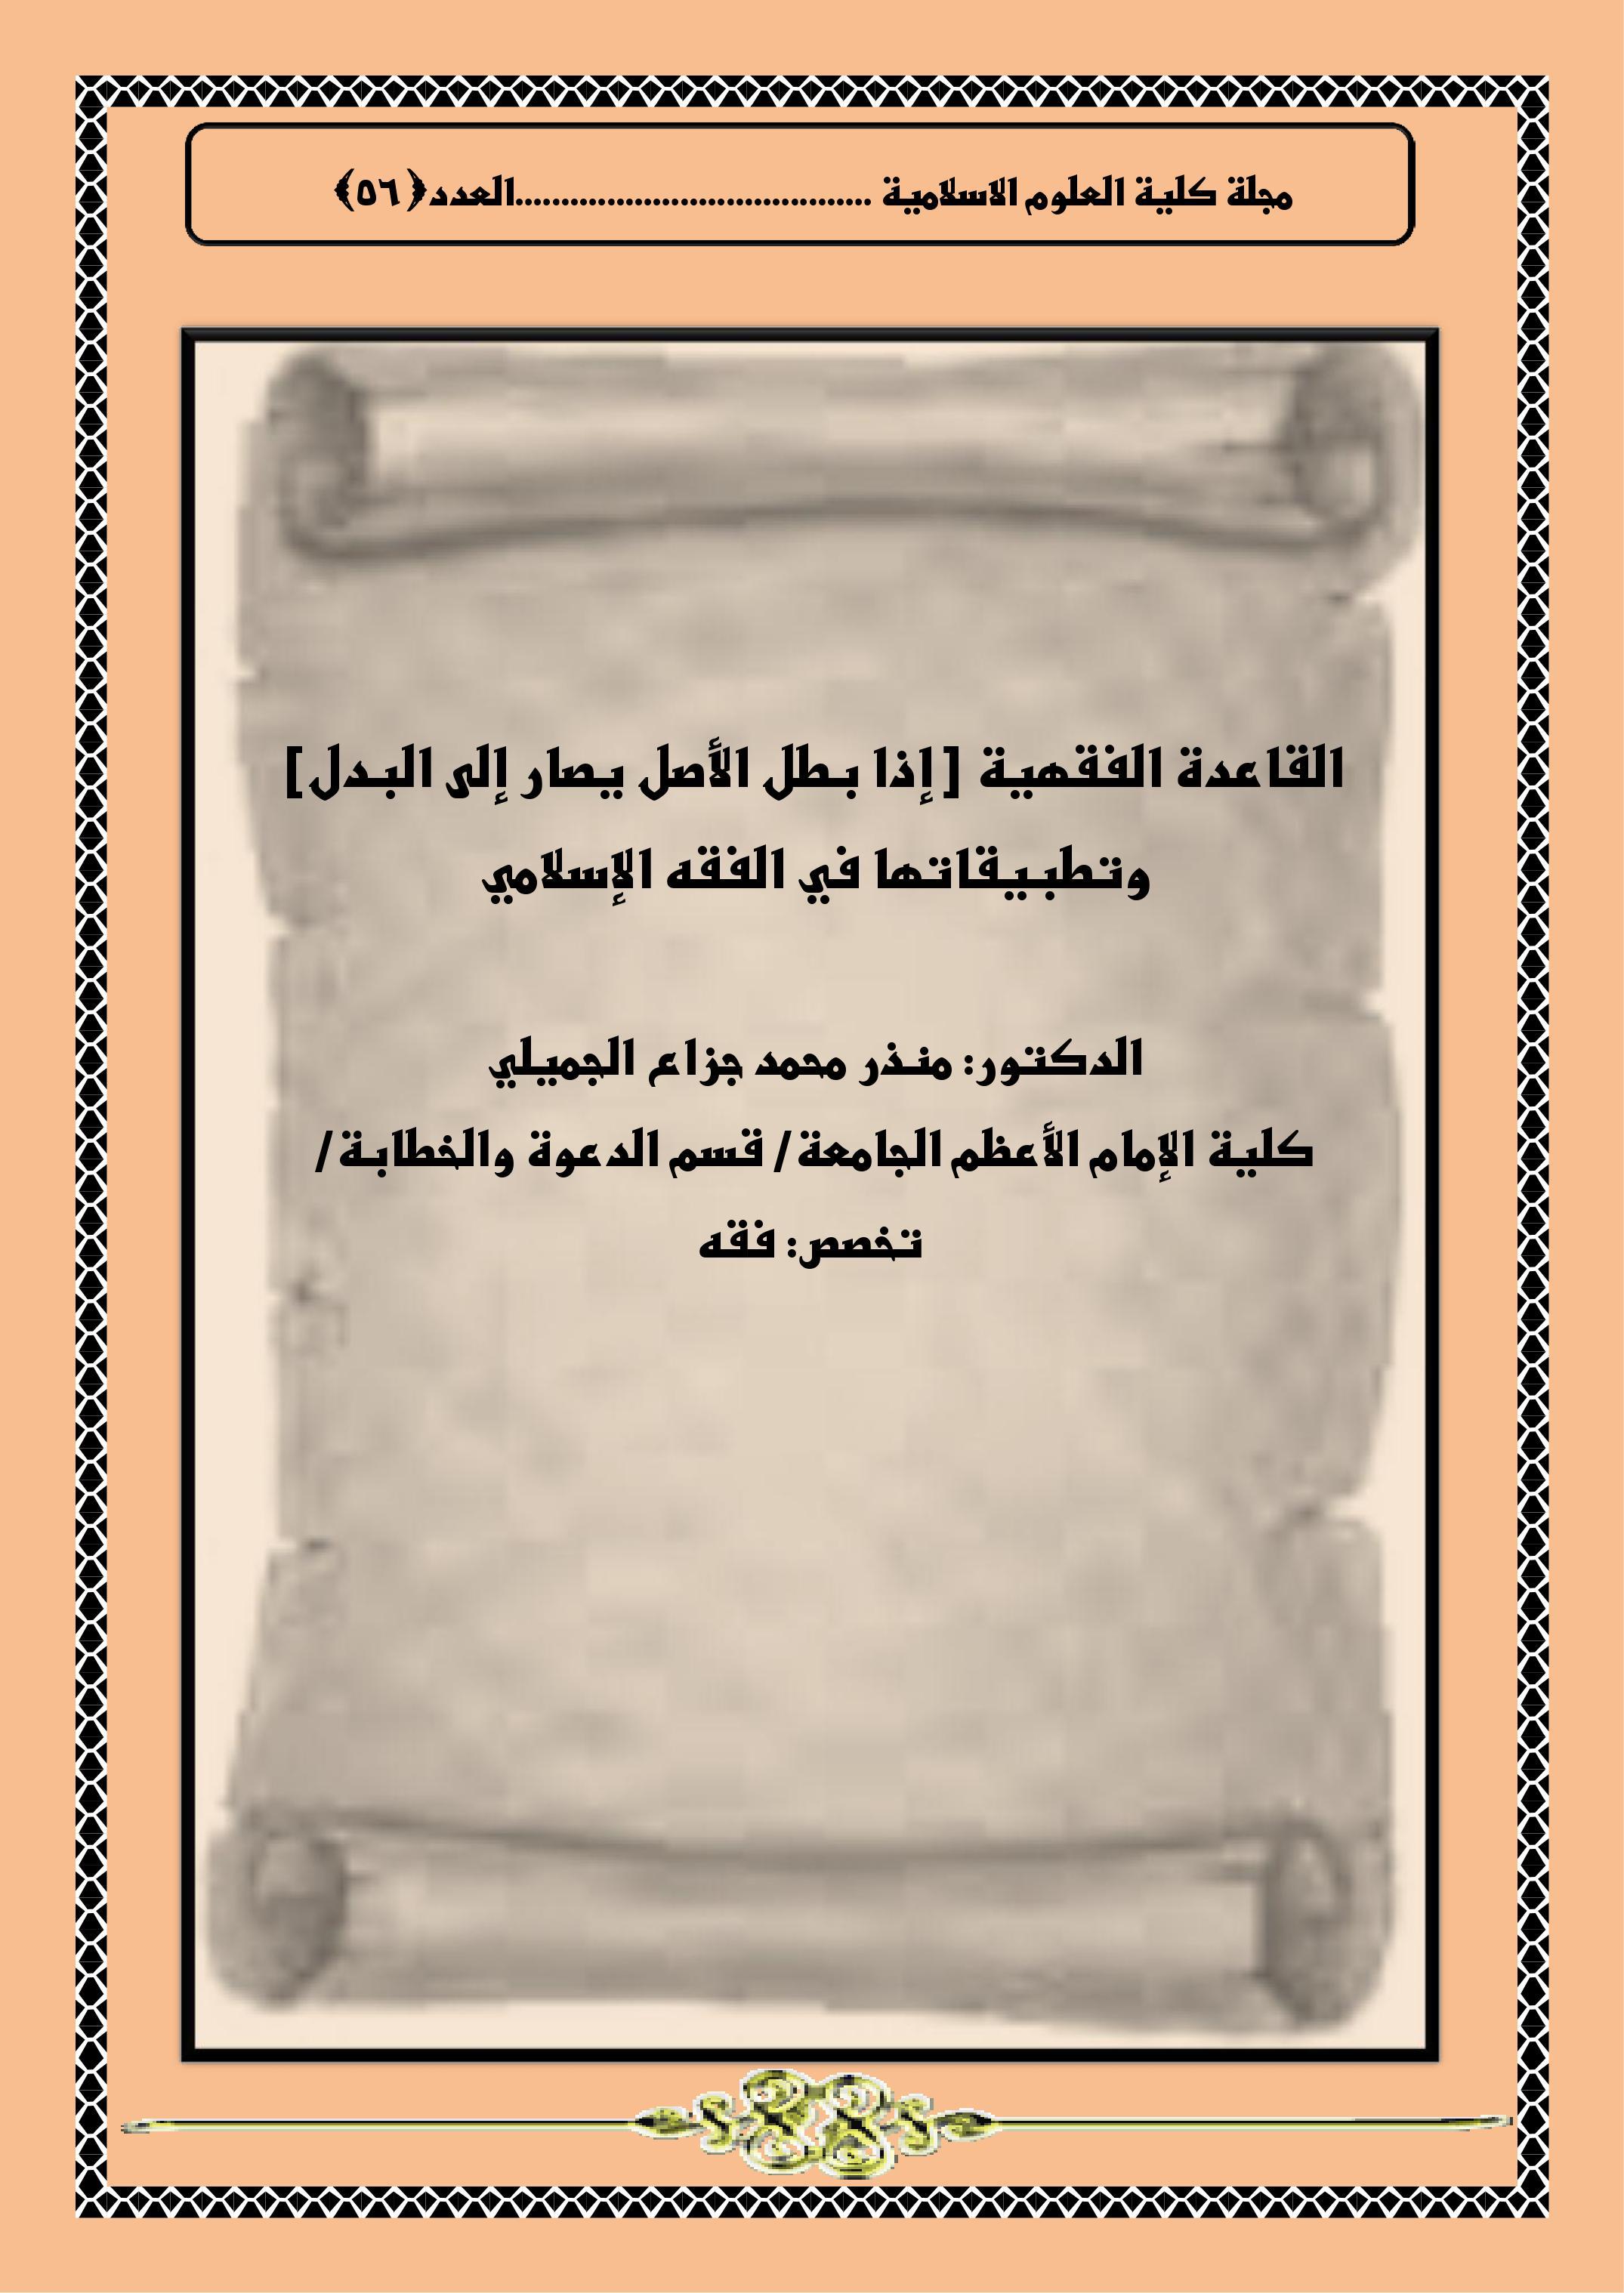 القاعدة الفقهية [ إذا بطل الأصل يصار إلى البدل] وتطبيقاتها في الفقه الإسلامي